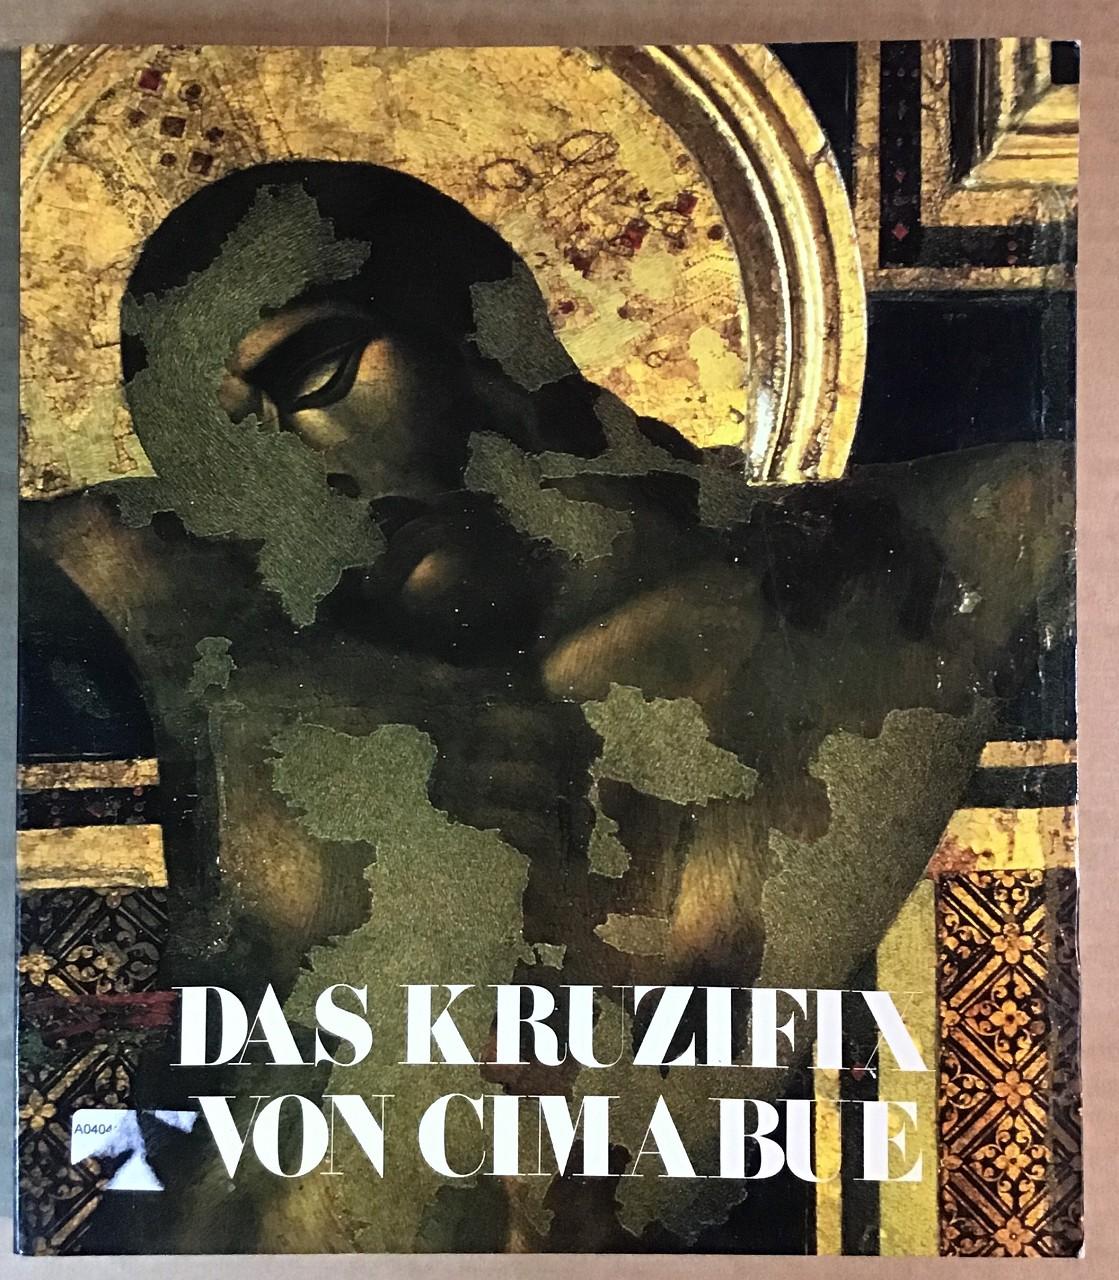 Das Kruzifix von Cimabue : Alte Pinakothek München, Bayerische Staatsgemäldesammlungen, 22.9. - 30.10.1983